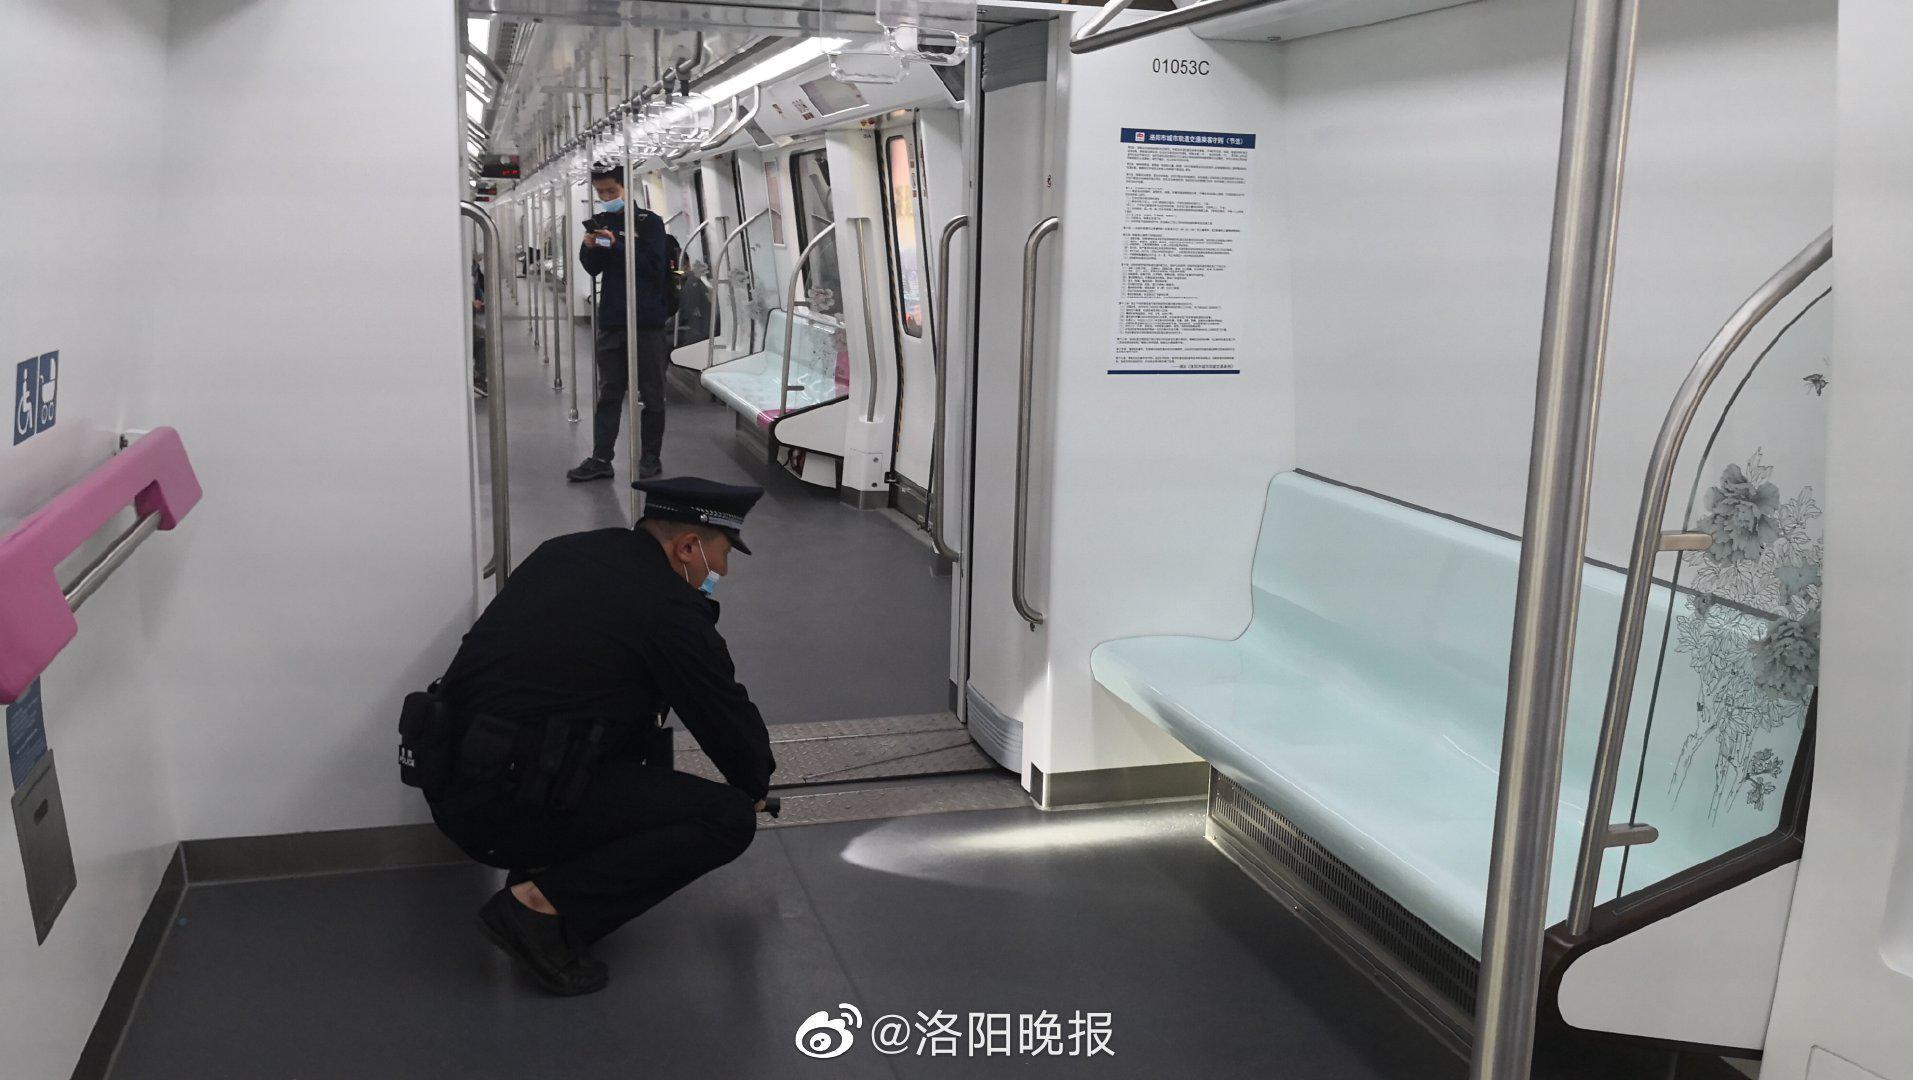 女子在地铁上涂护手霜,价值2万元钻戒不慎丢失